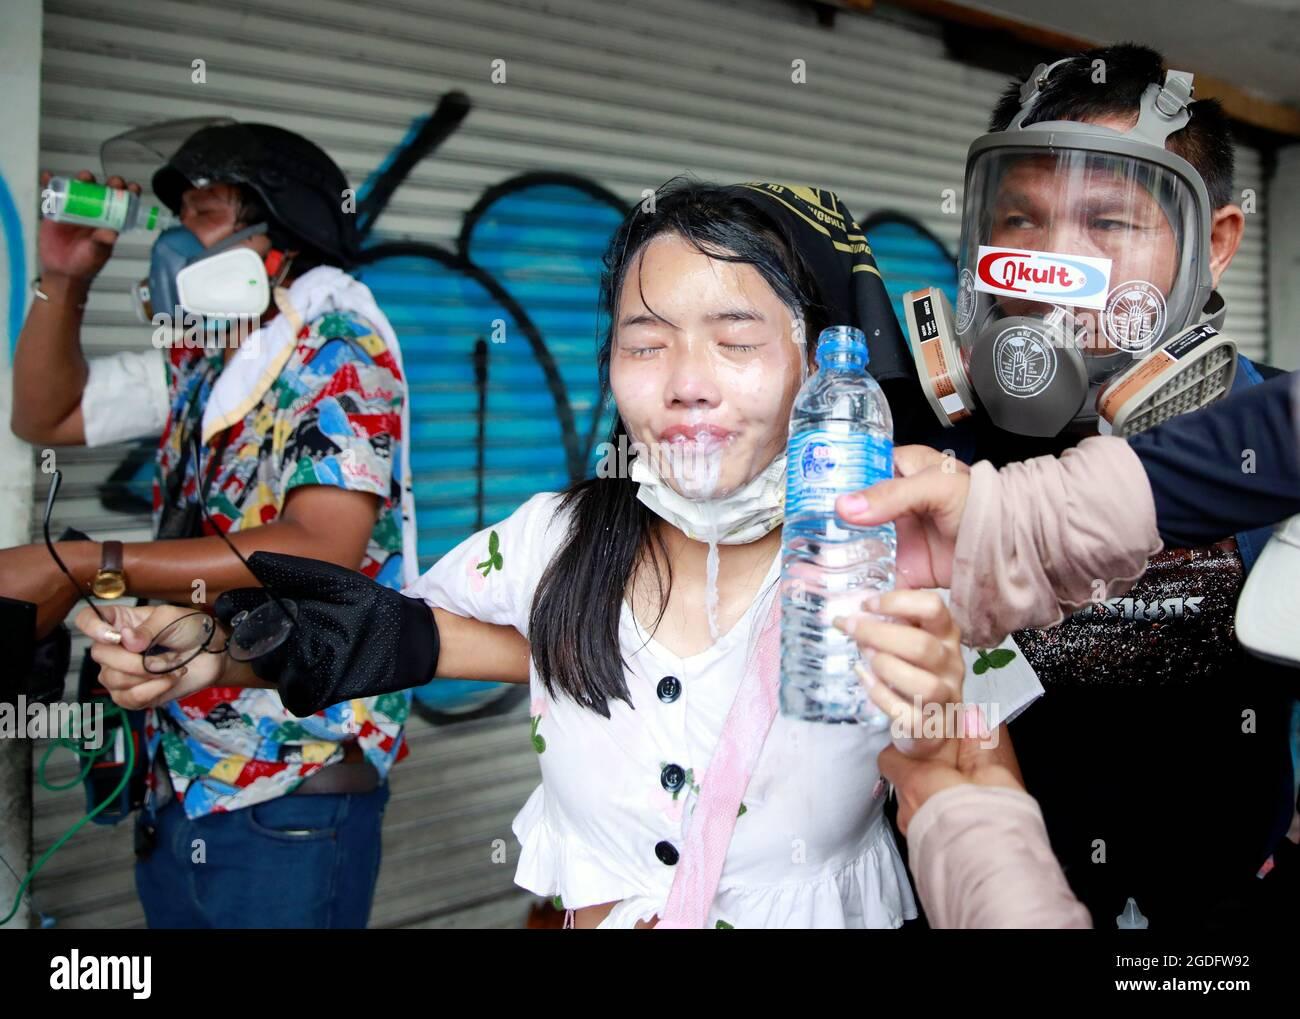 Ein Demonstrator erhält Unterstützung bei einem Protest für den Umgang der Regierung mit der Coronavirus-Pandemie (COVID-19) in Bangkok, Thailand, 13. August 2021. REUTERS/Soe Zeya tun Stockfoto